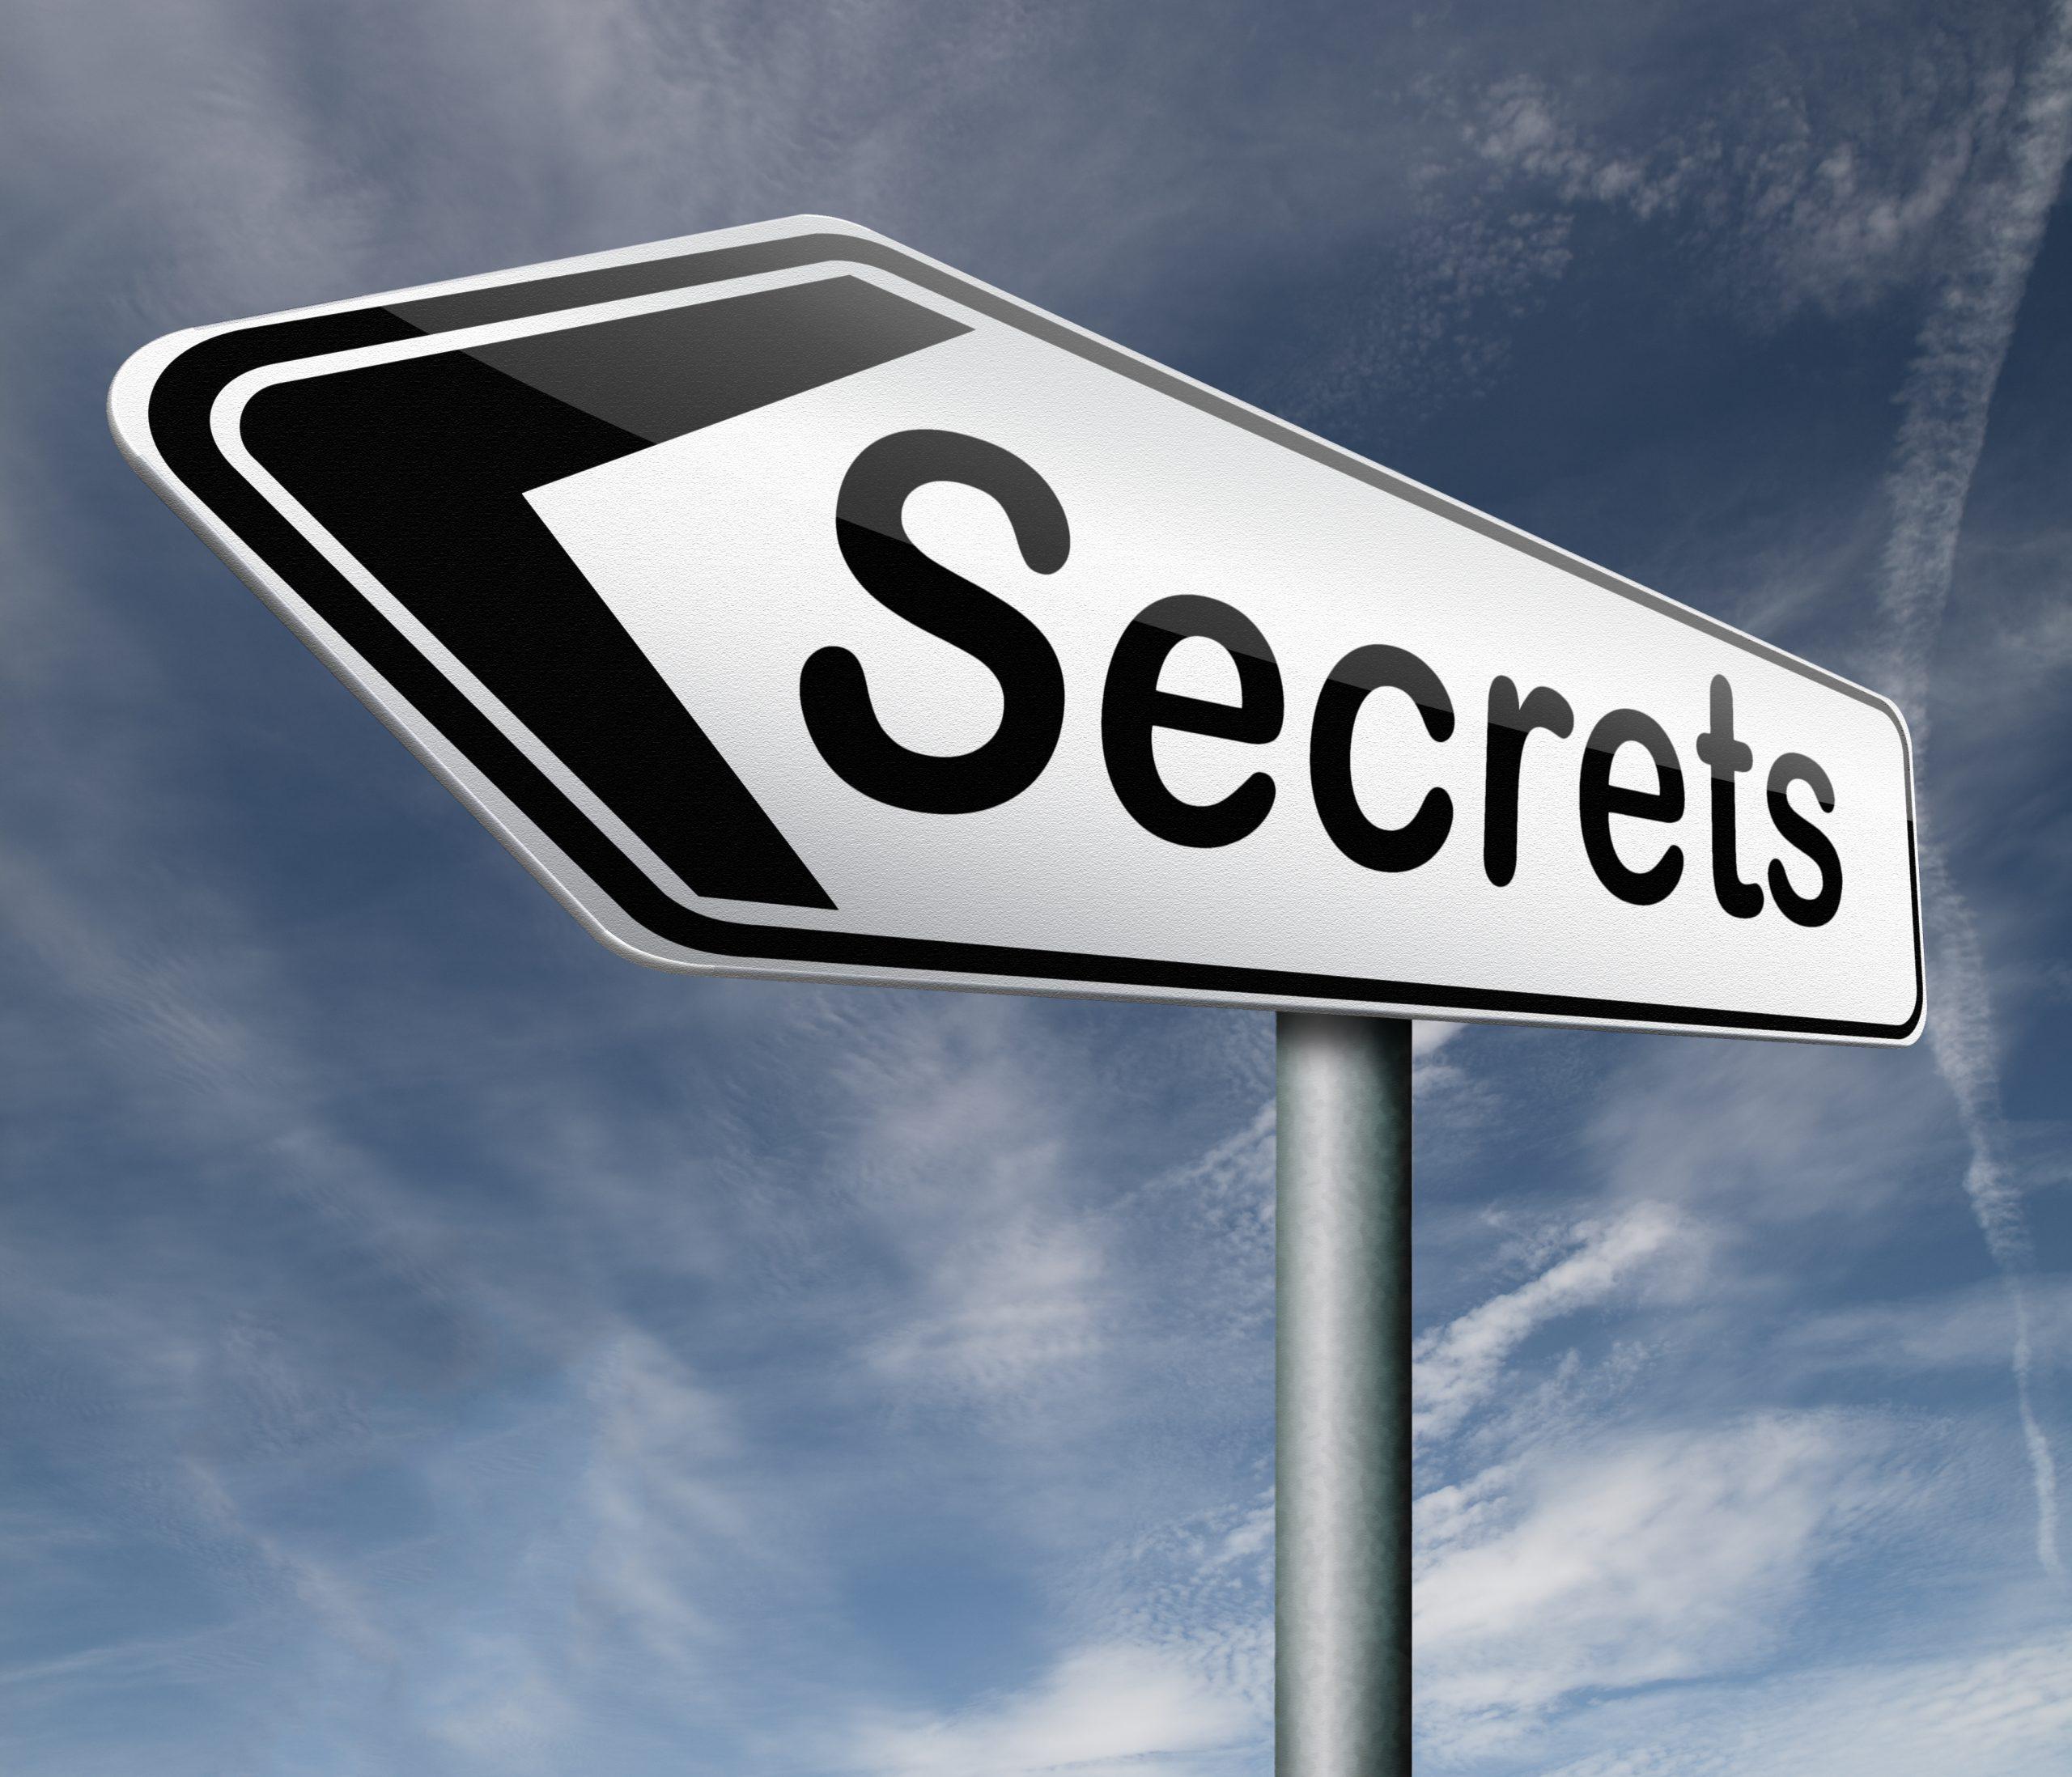 trade secrets - https://depositphotos.com/16636941/stock-photo-secret.html